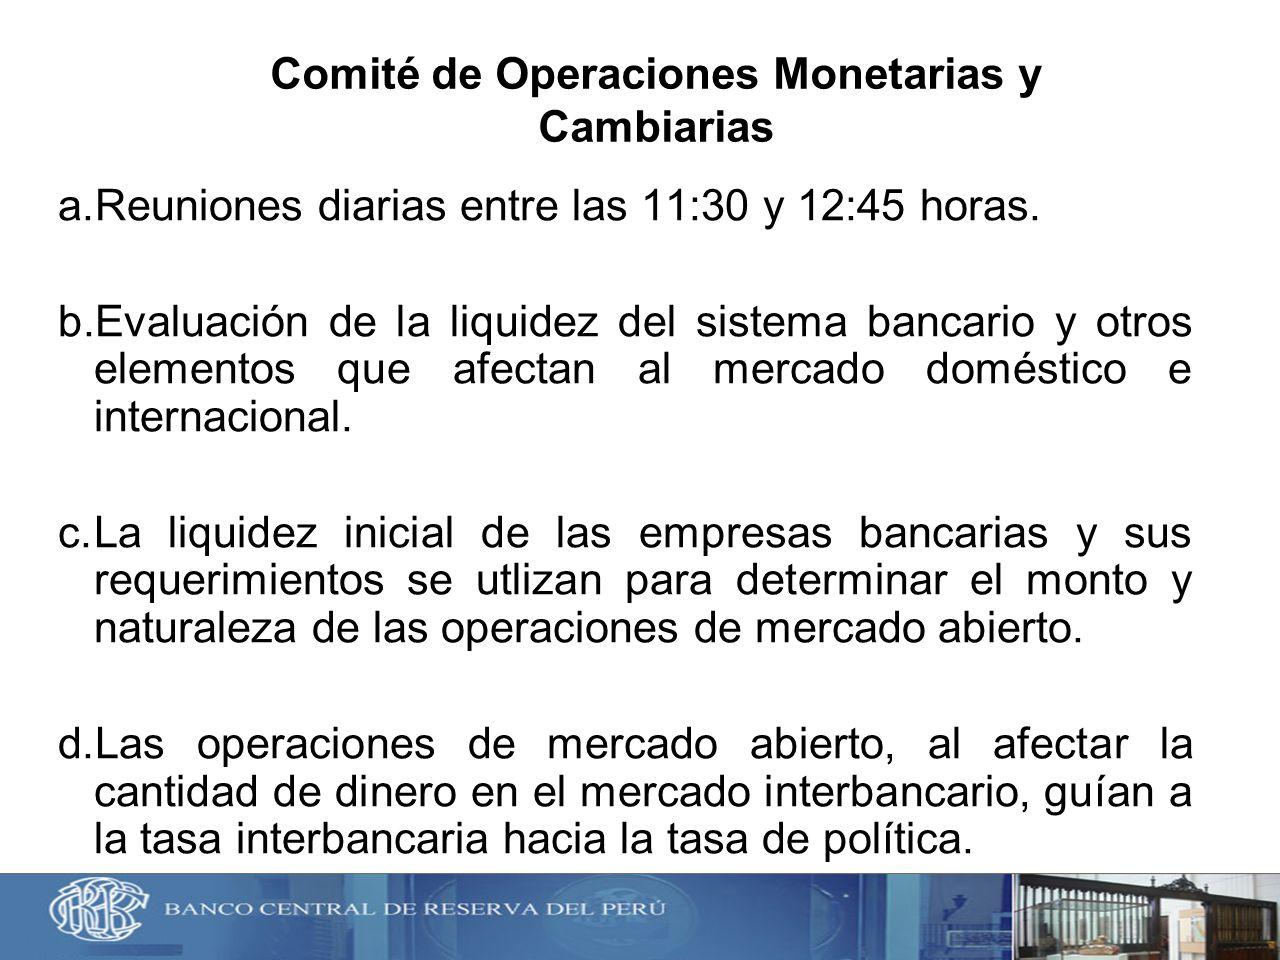 Comité de Operaciones Monetarias y Cambiarias